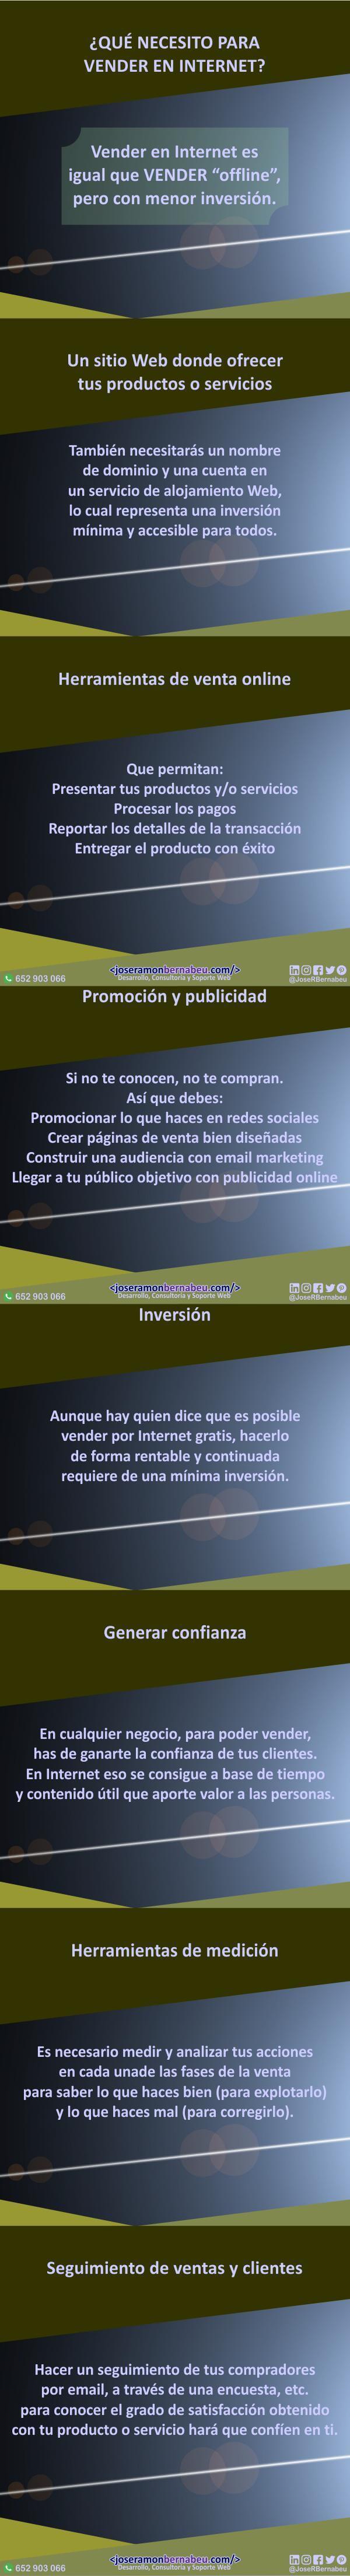 Infografía sobre vender productos, servicios e ideas en Internet